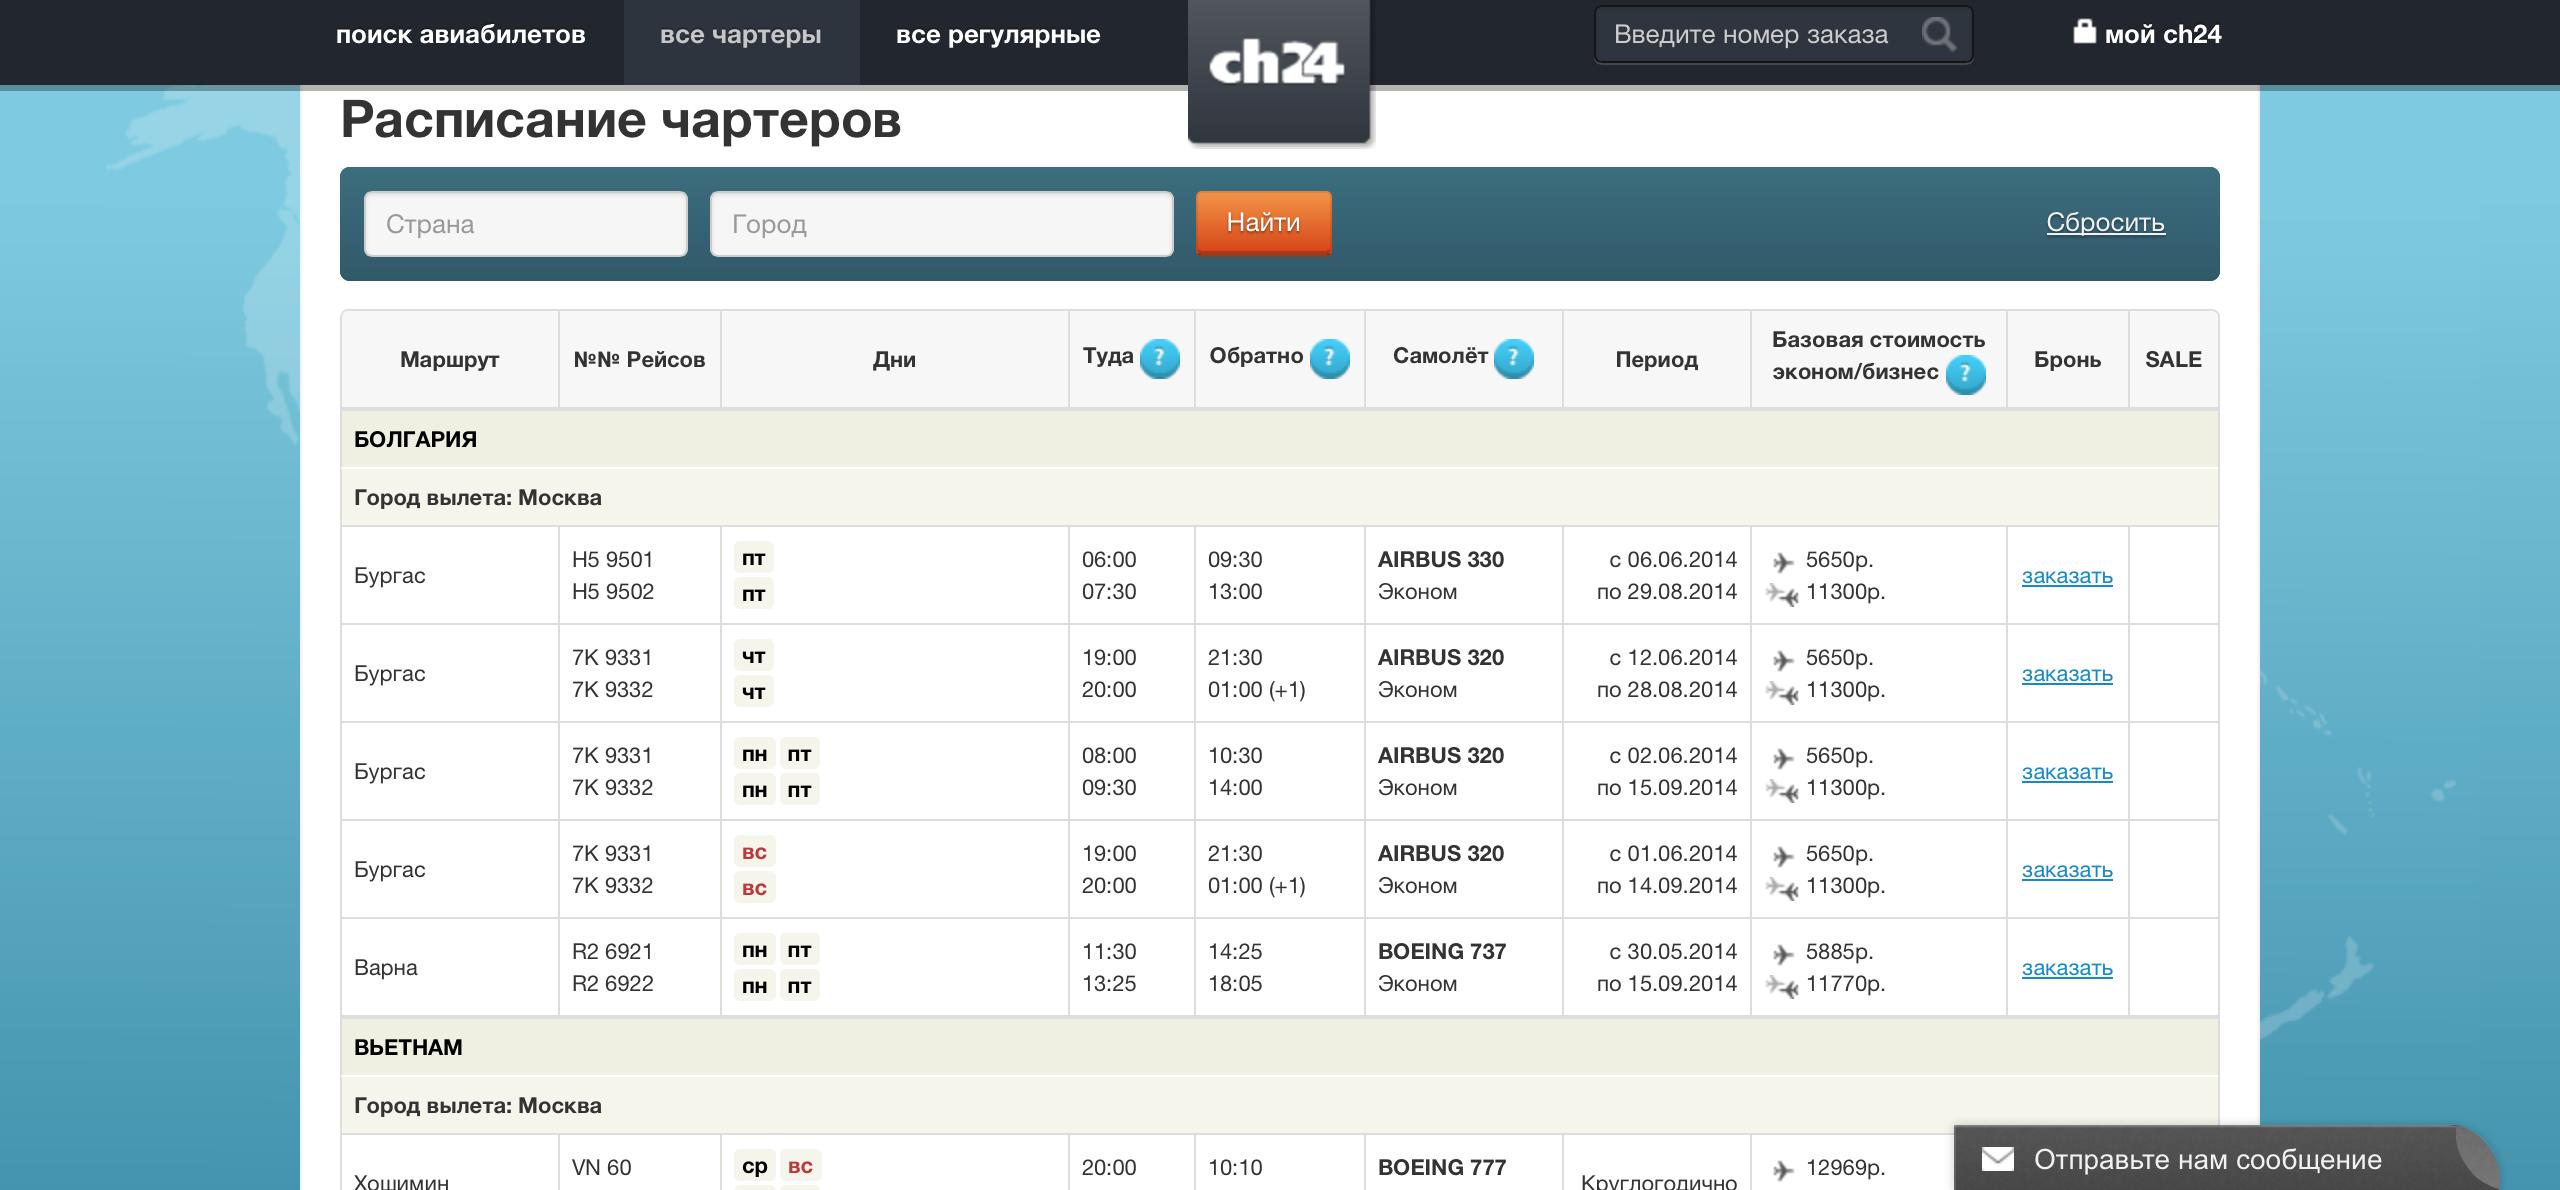 Купить билет на самолет в анталию чартер сколько стоит билет на самолет из москвы в минск